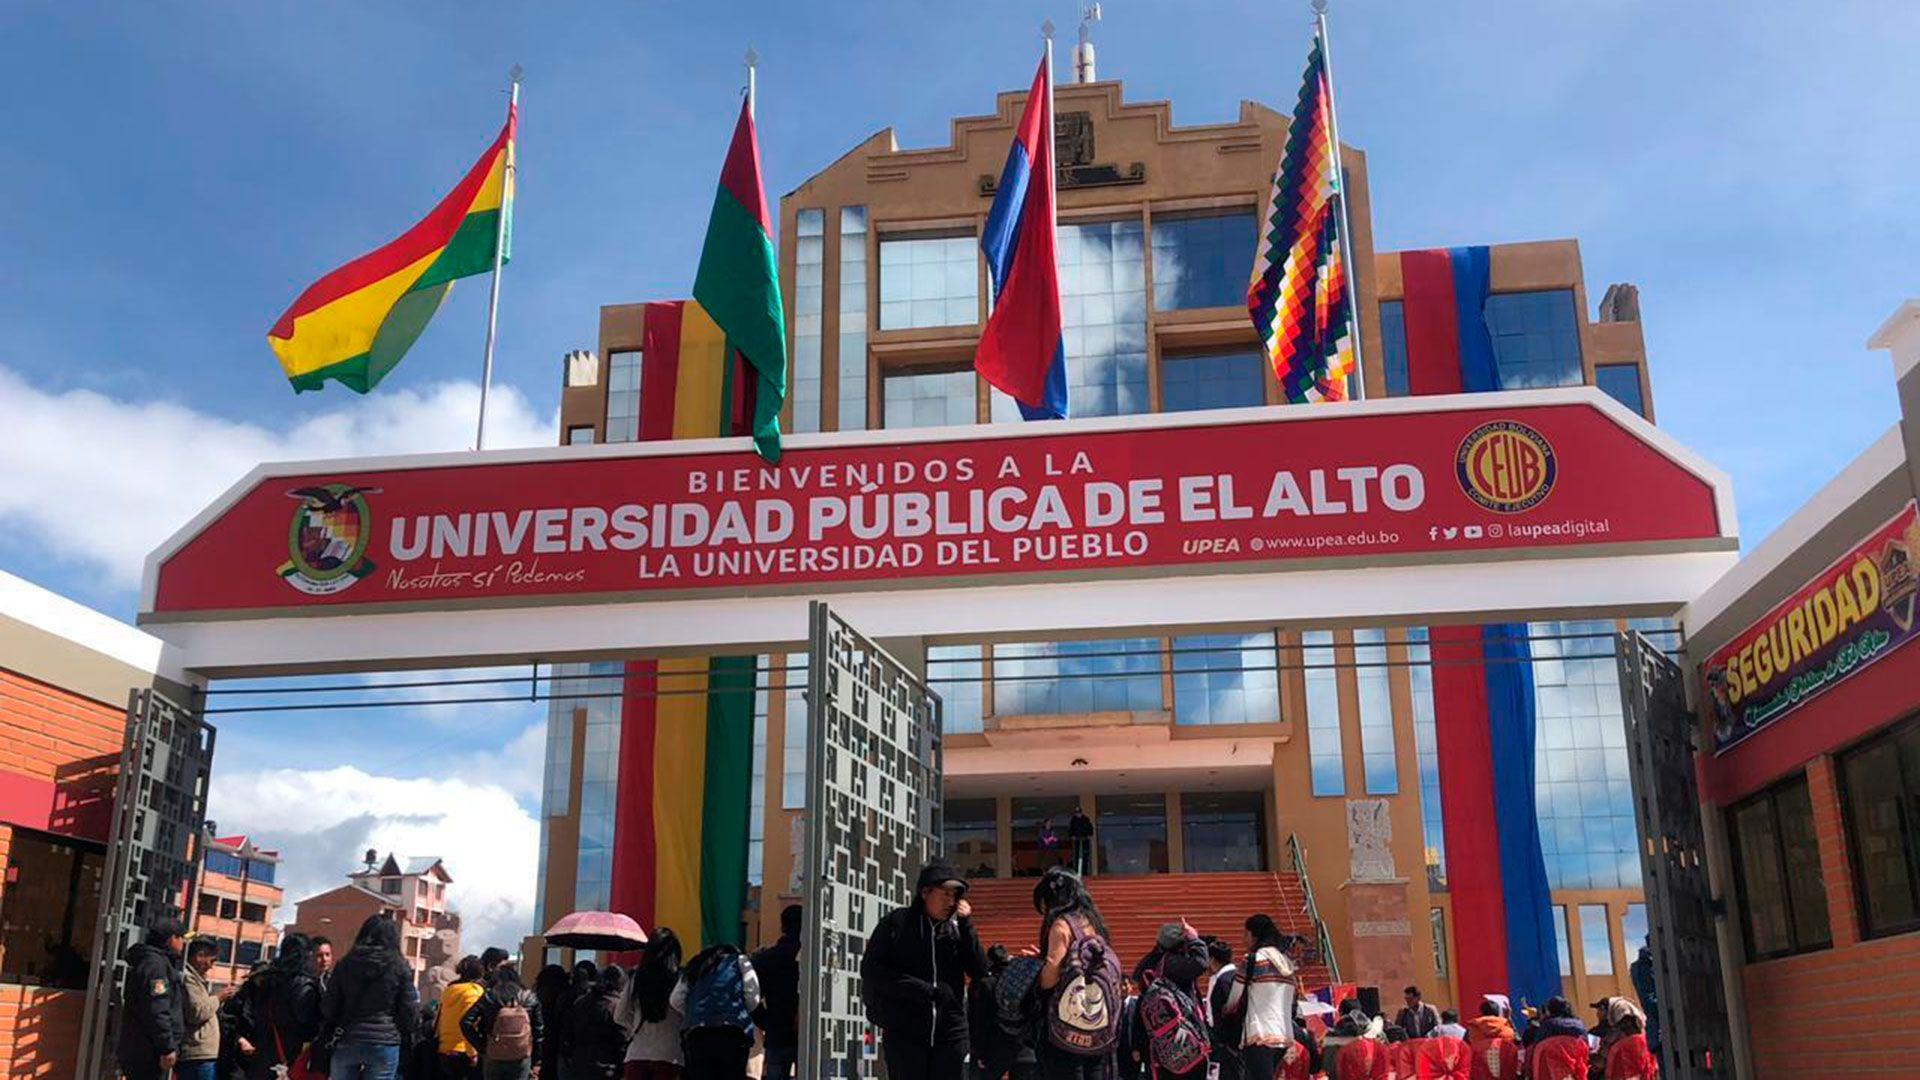 Universidad Publica de El Alto UPEA